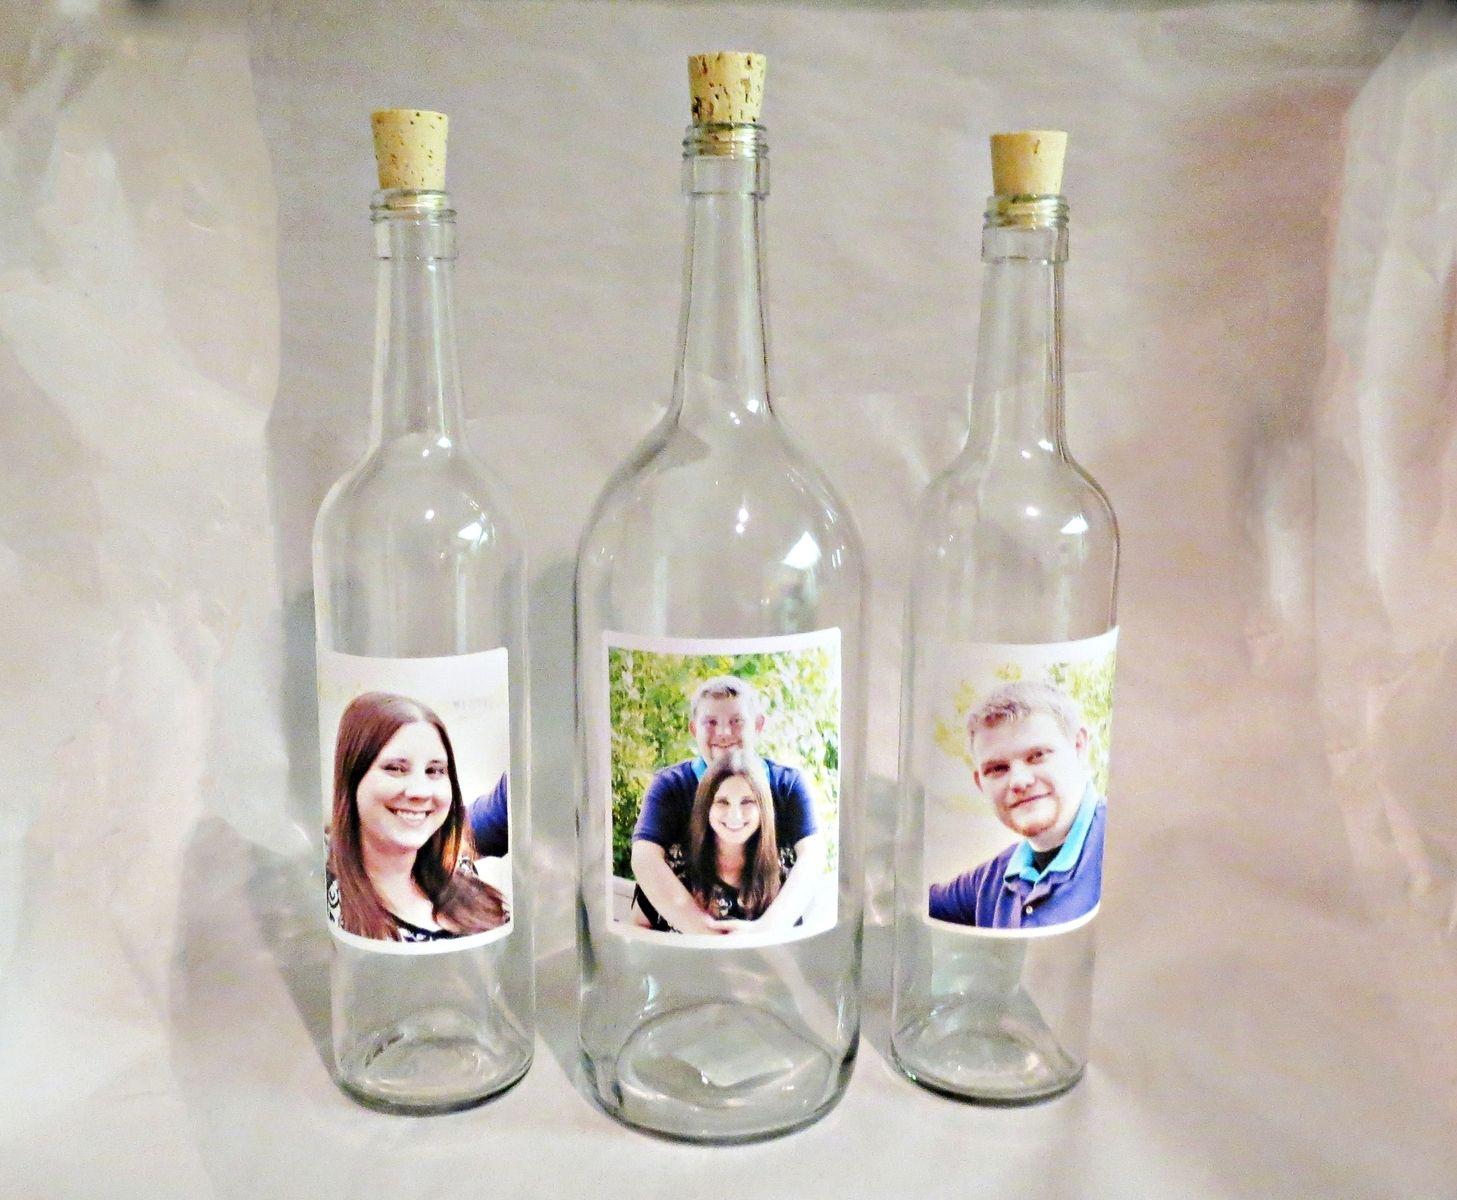 Handmade Wine Bottle Wedding Unity Sand Ceremony Set With ...